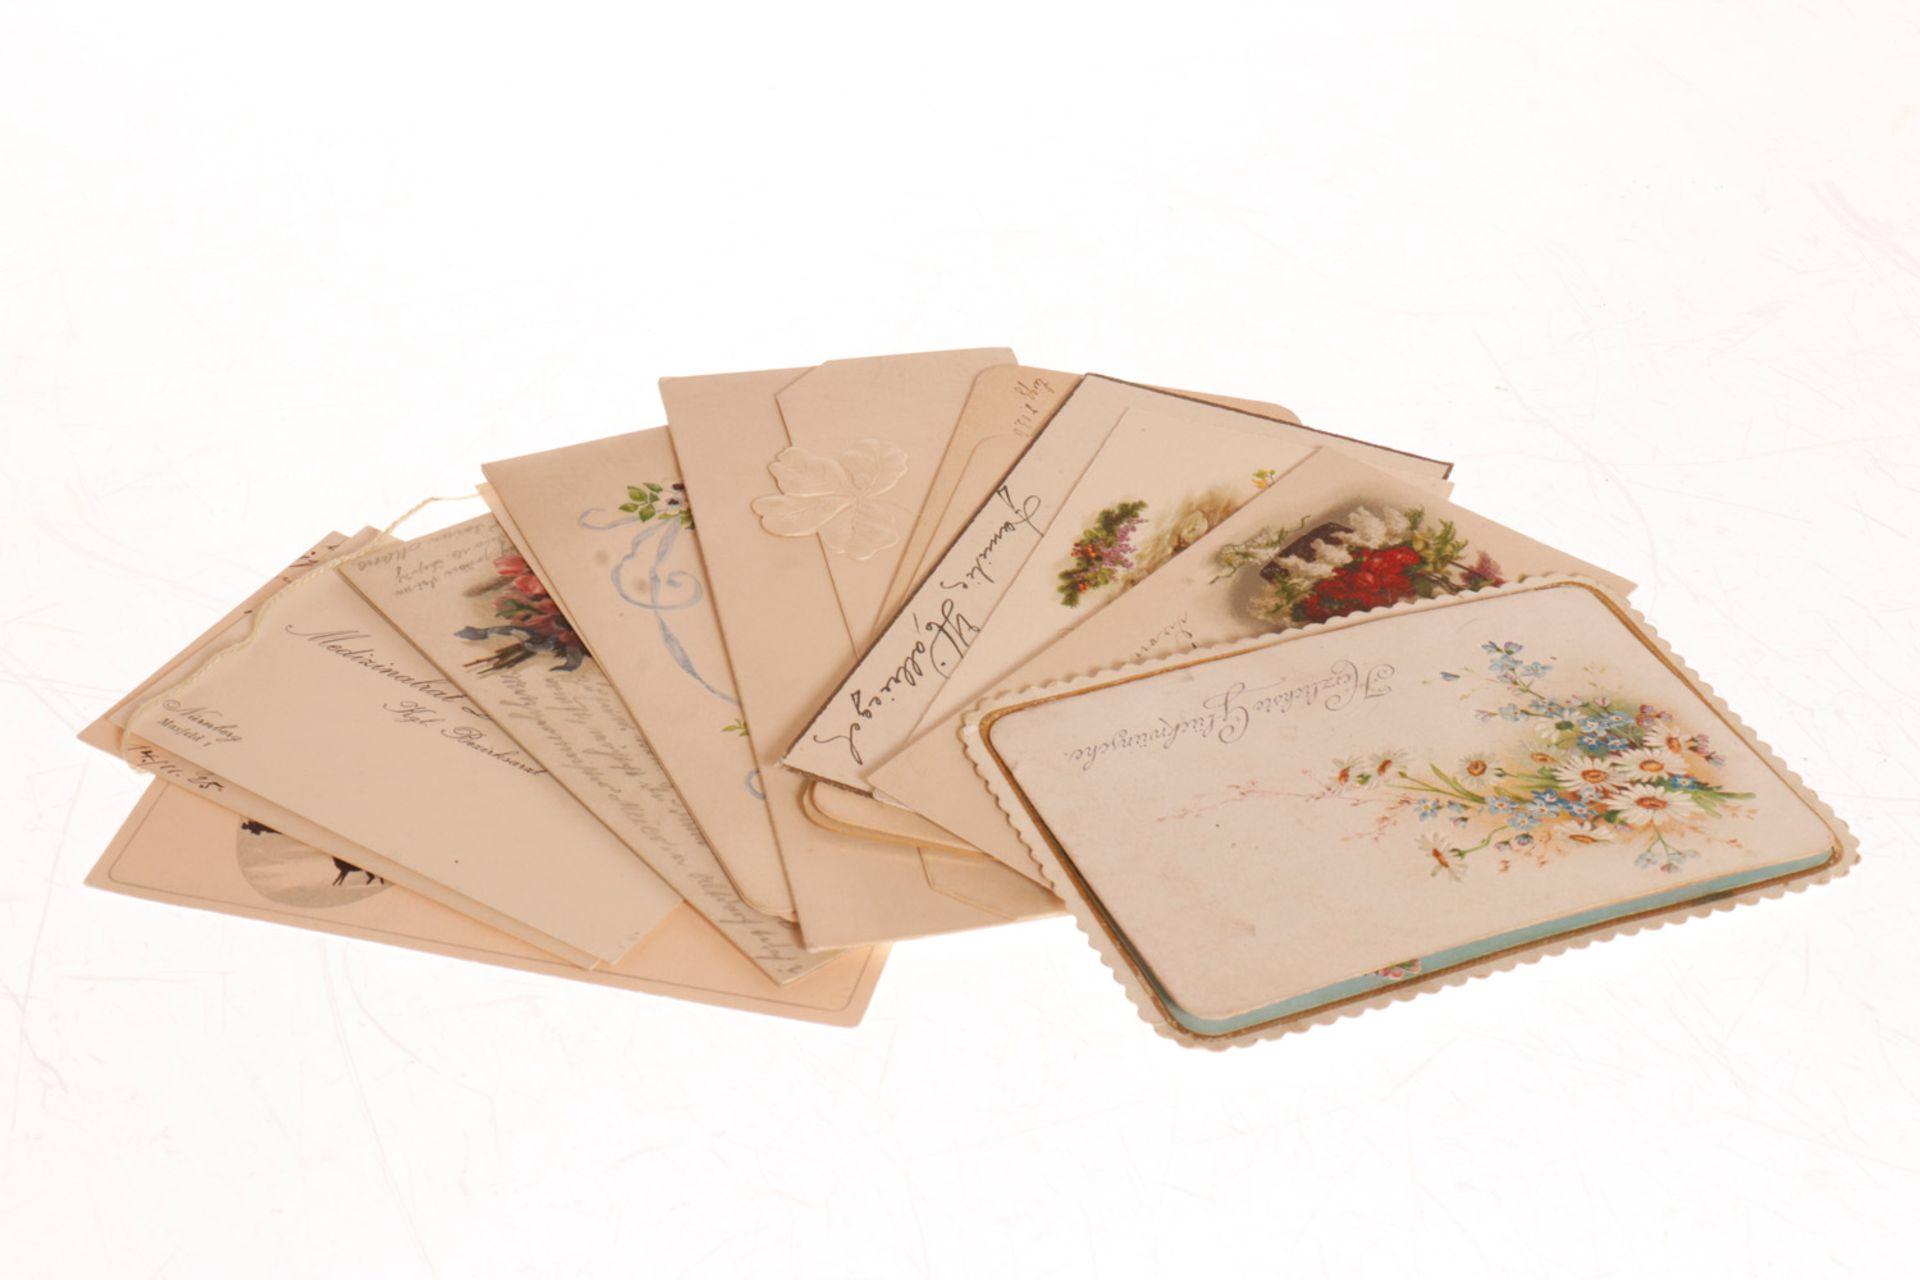 Konv. 10 Glückwunschkarten, um 1900 und etwas später, darunter 1 Faltkarte (Kulissen lose), sonst